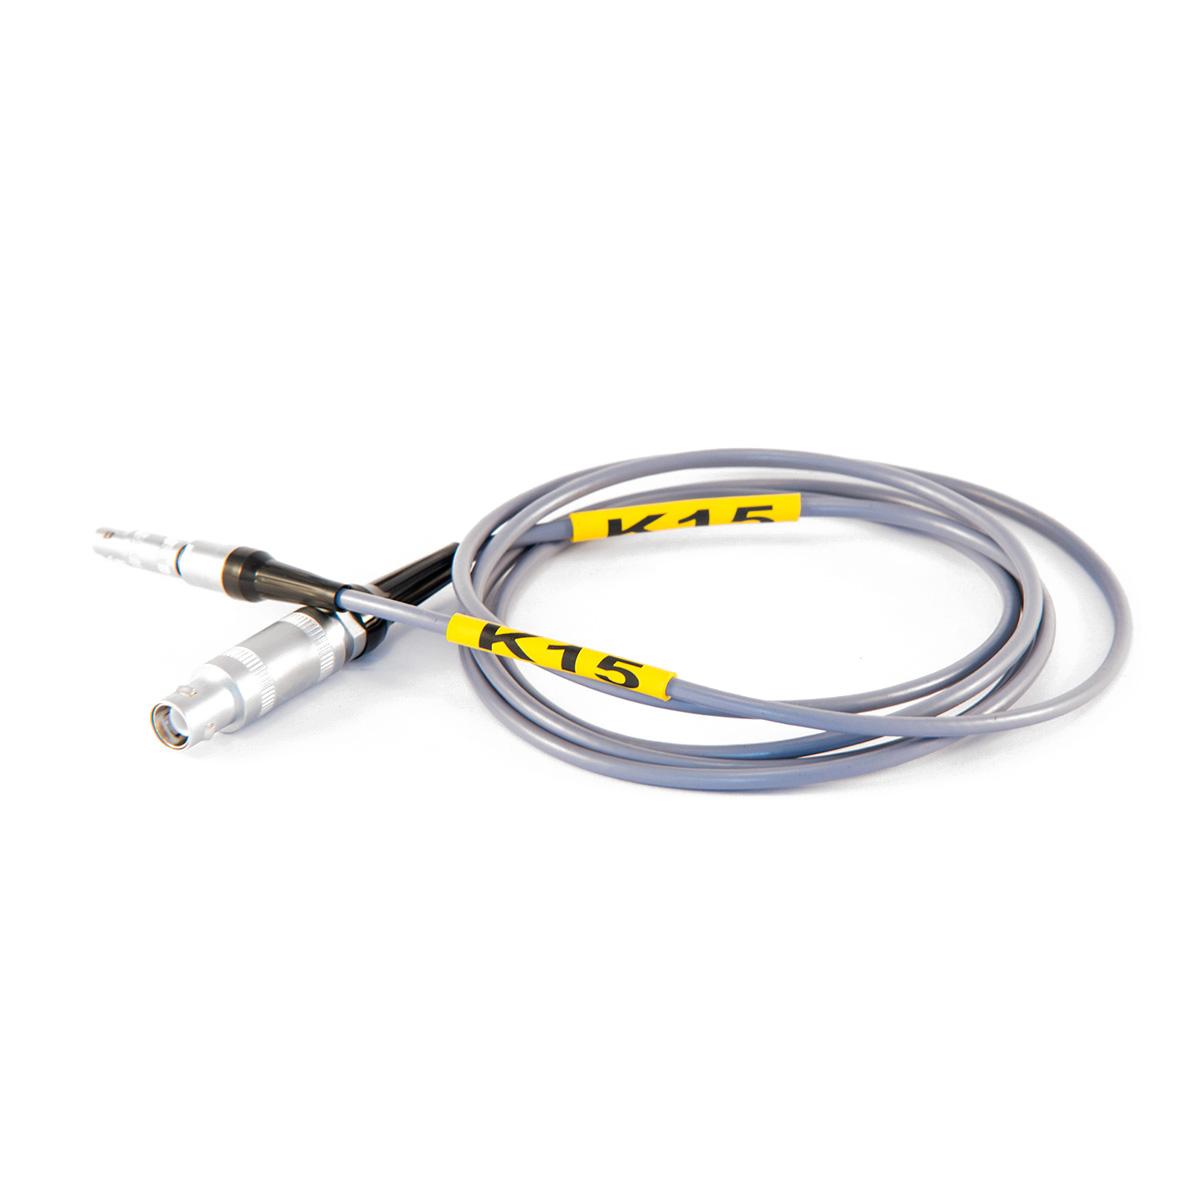 Cable Lemo 01